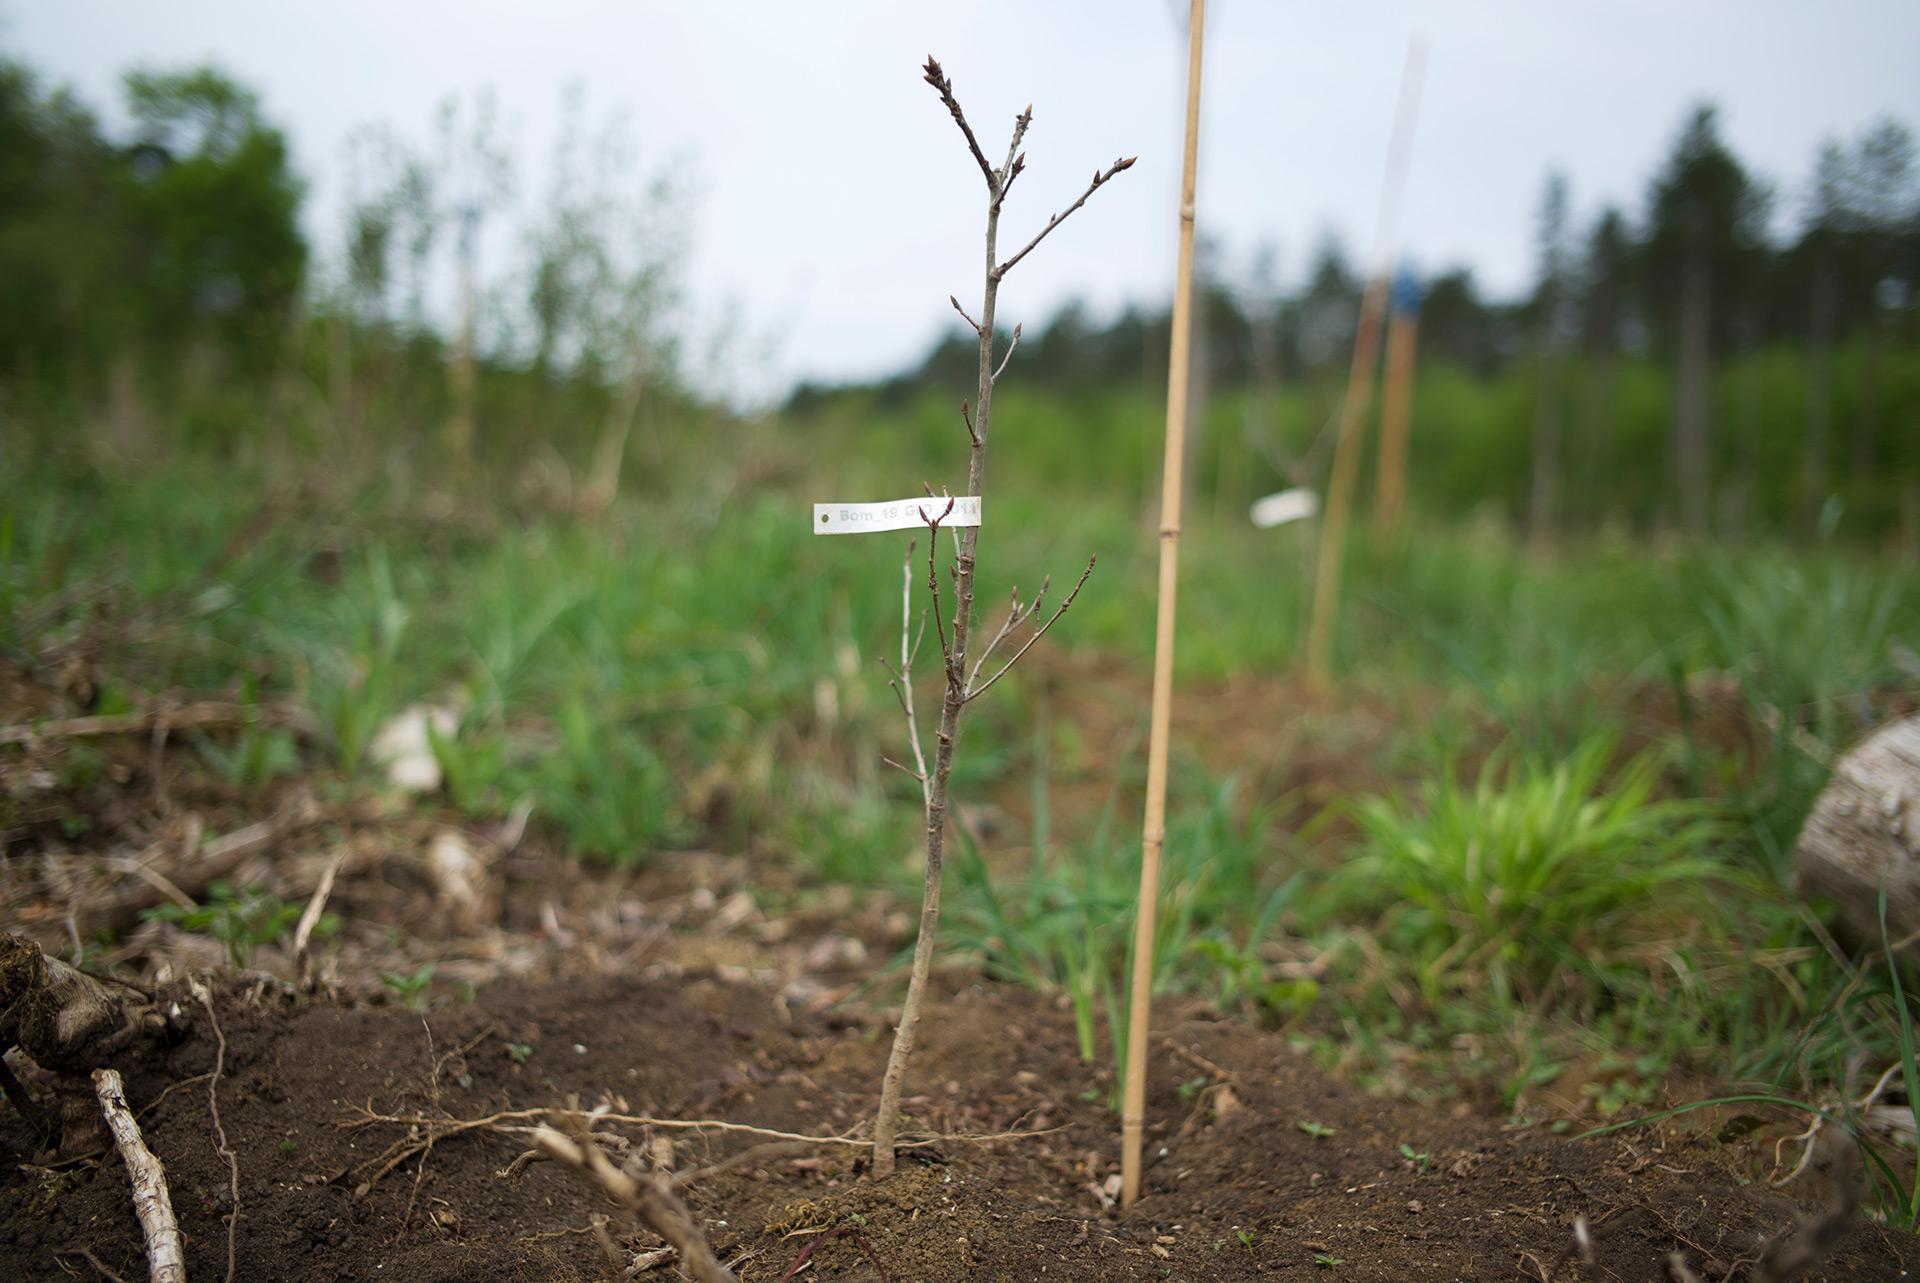 Parcelle de la forêt Domaniale de Verdun plantée d'arbres menacés par le changement climatique. Douamont, Meuse, Alsace-Champagne-Ardenne-Lorraine, 09.05.2016